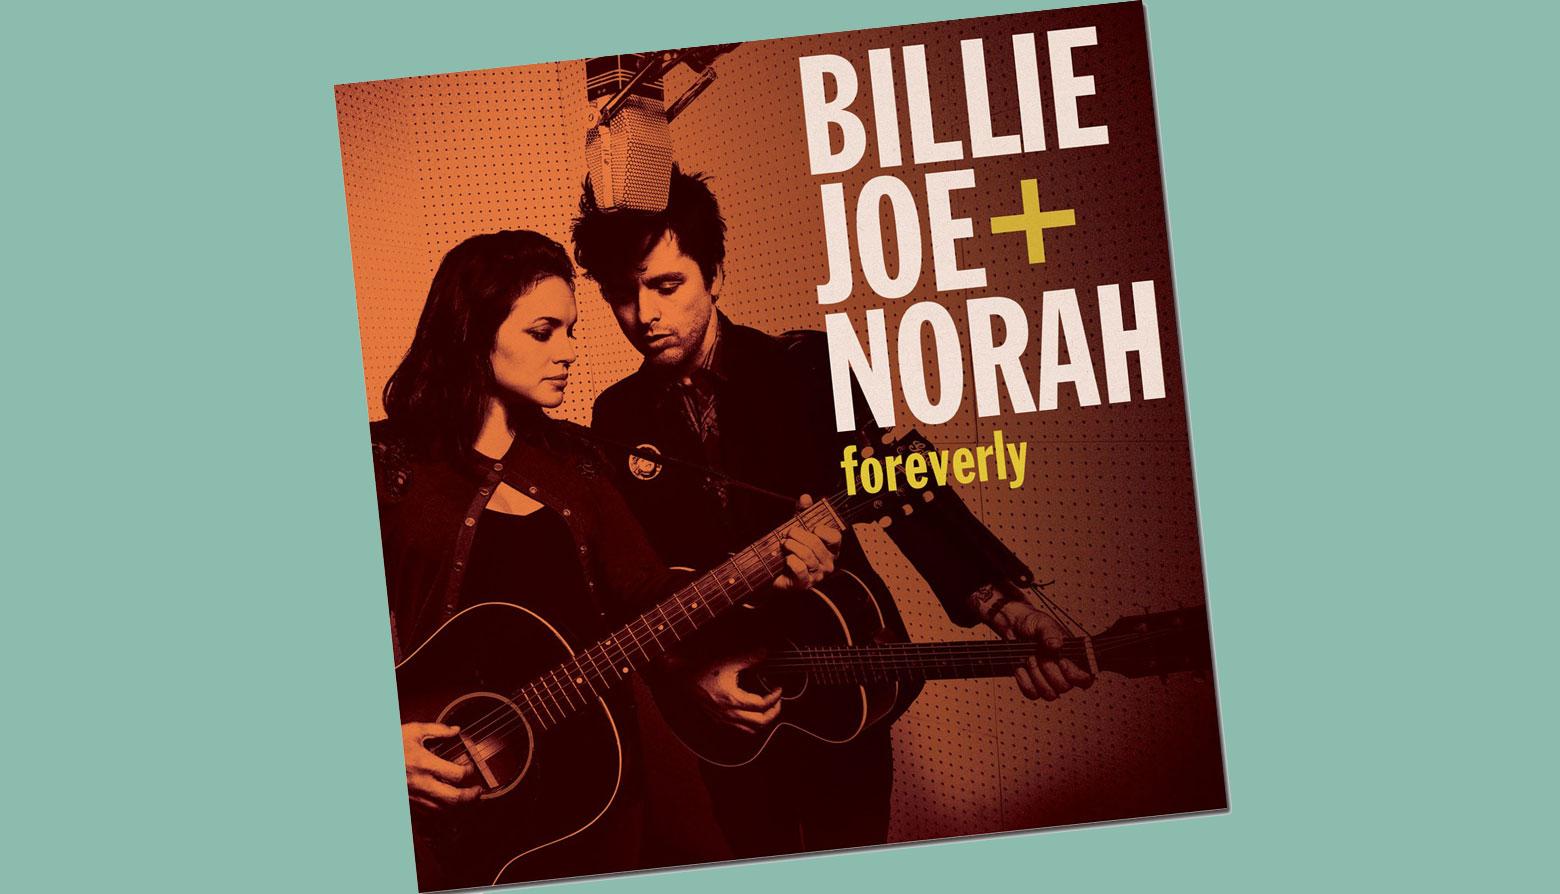 Billie_Joe_and_Norah_Jones_foreverly